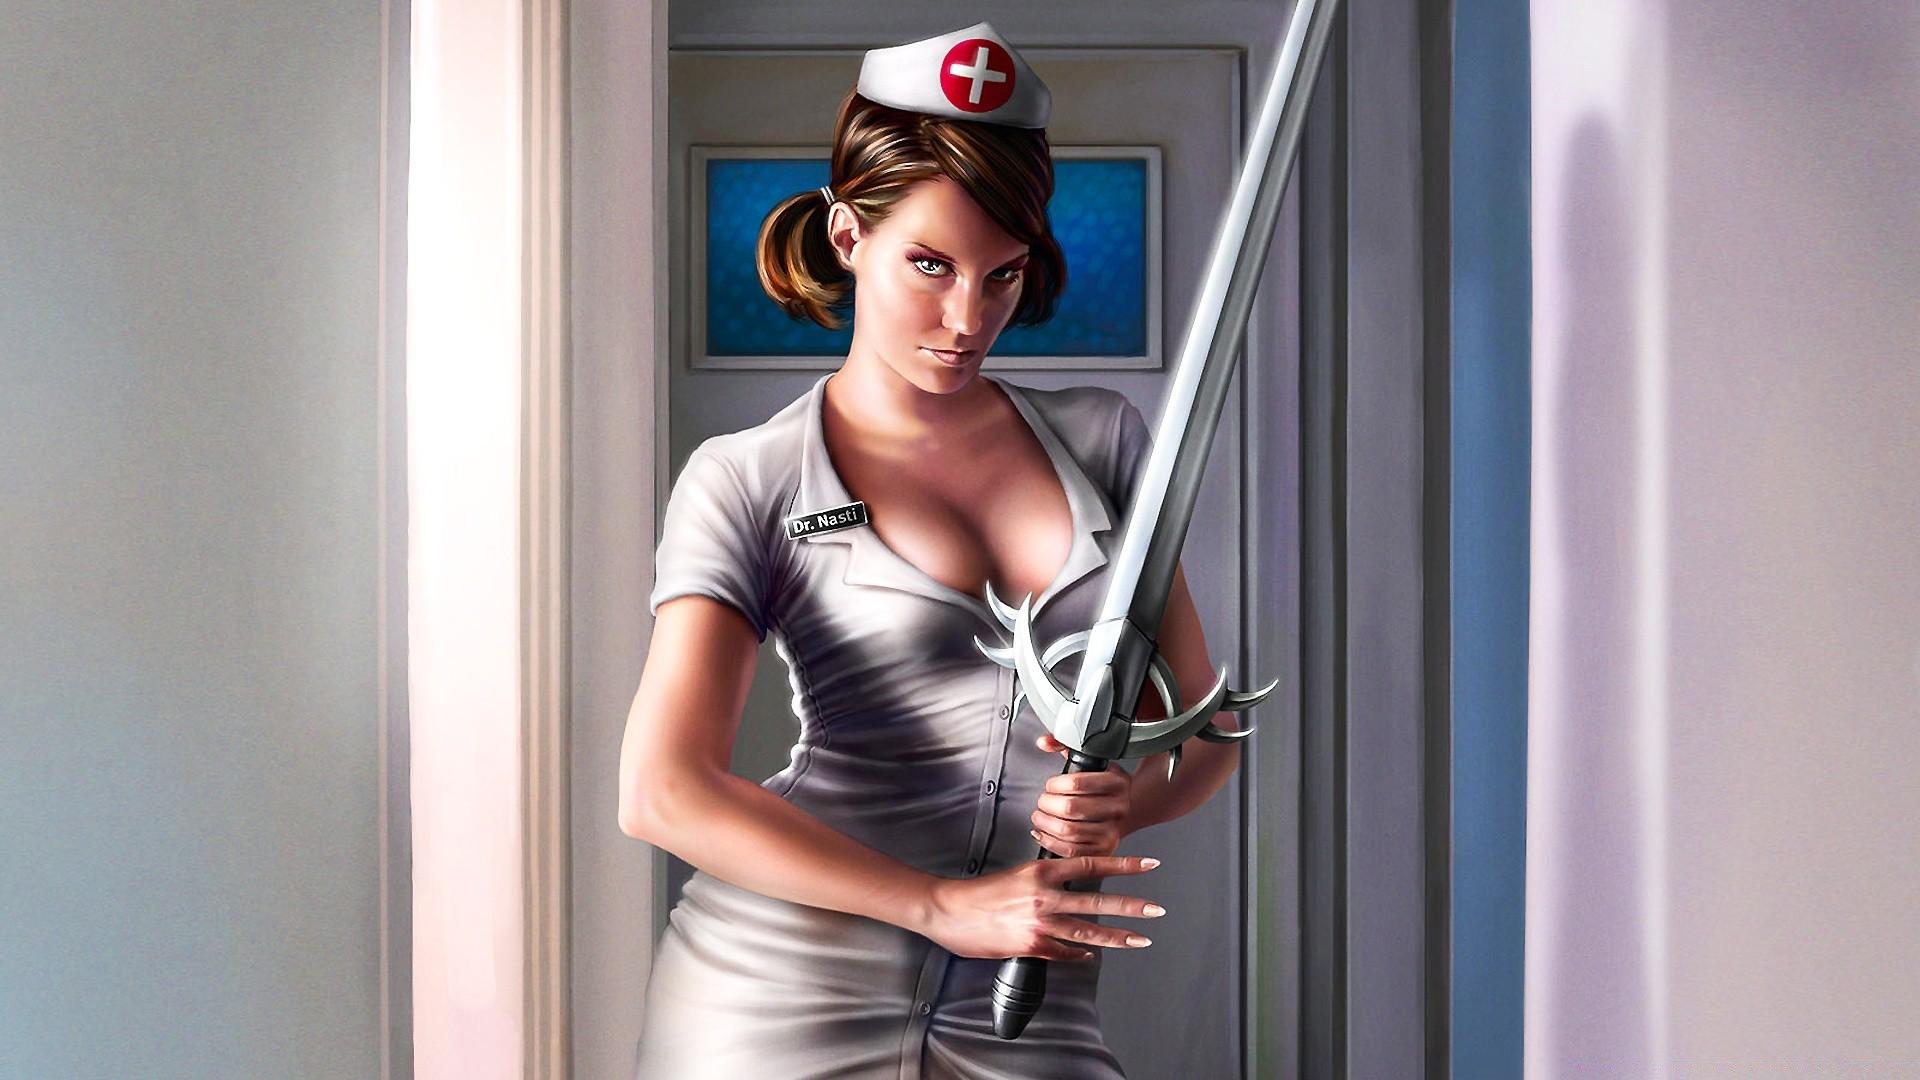 Супер телки медсестры, Секс с медсестрой. Порно видео. Медсестры 19 фотография